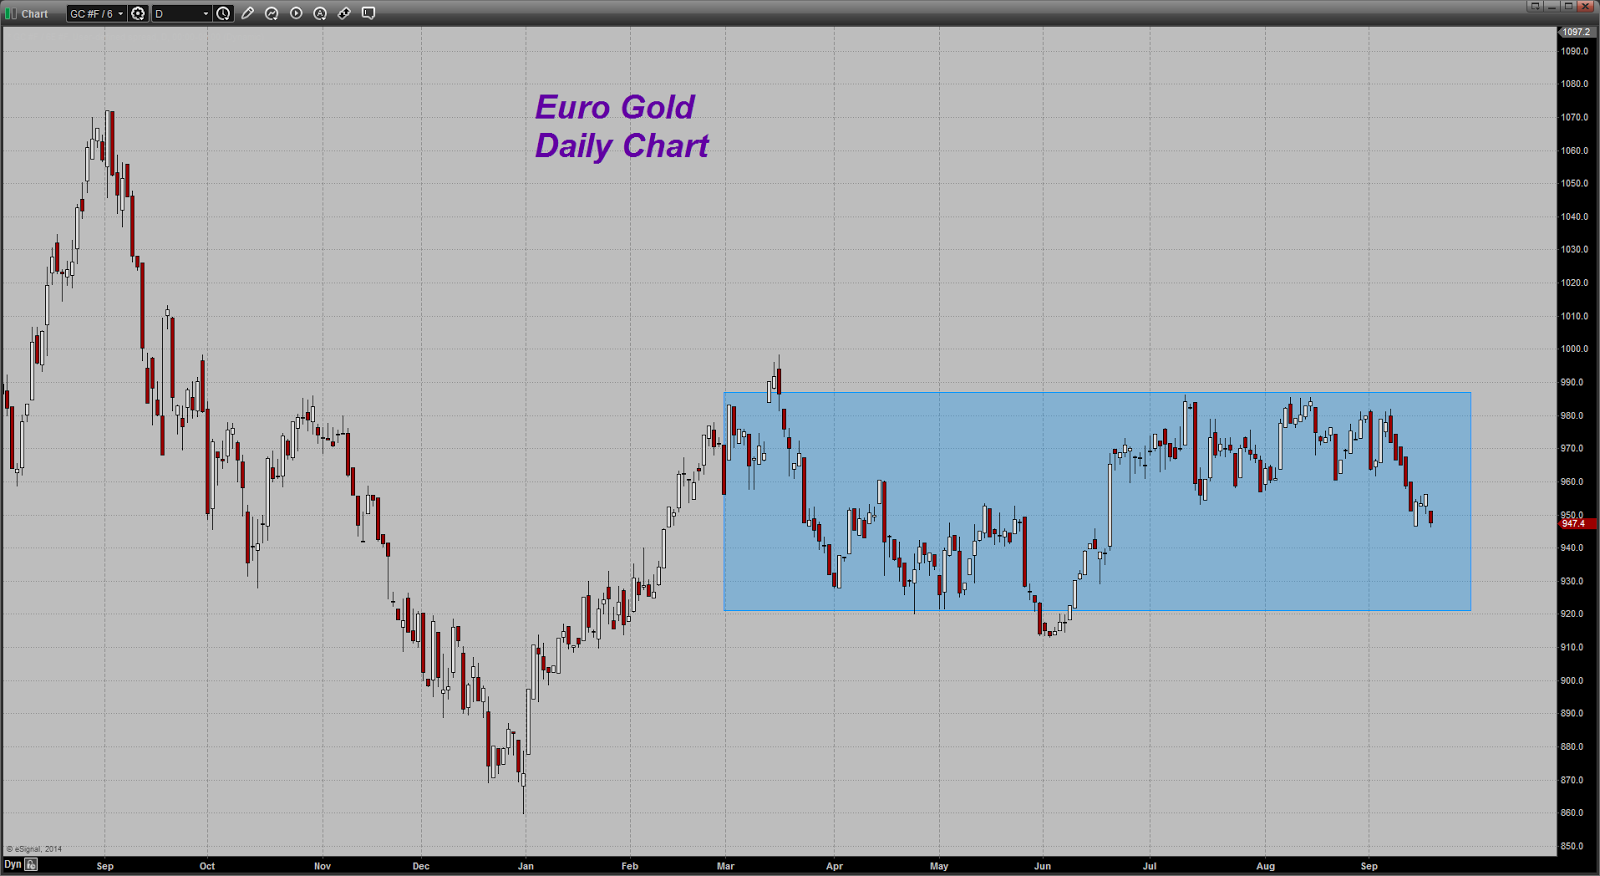 prix de l'or, de l'argent et des minières / suivi quotidien en clôture - Page 13 Chart20140918072555